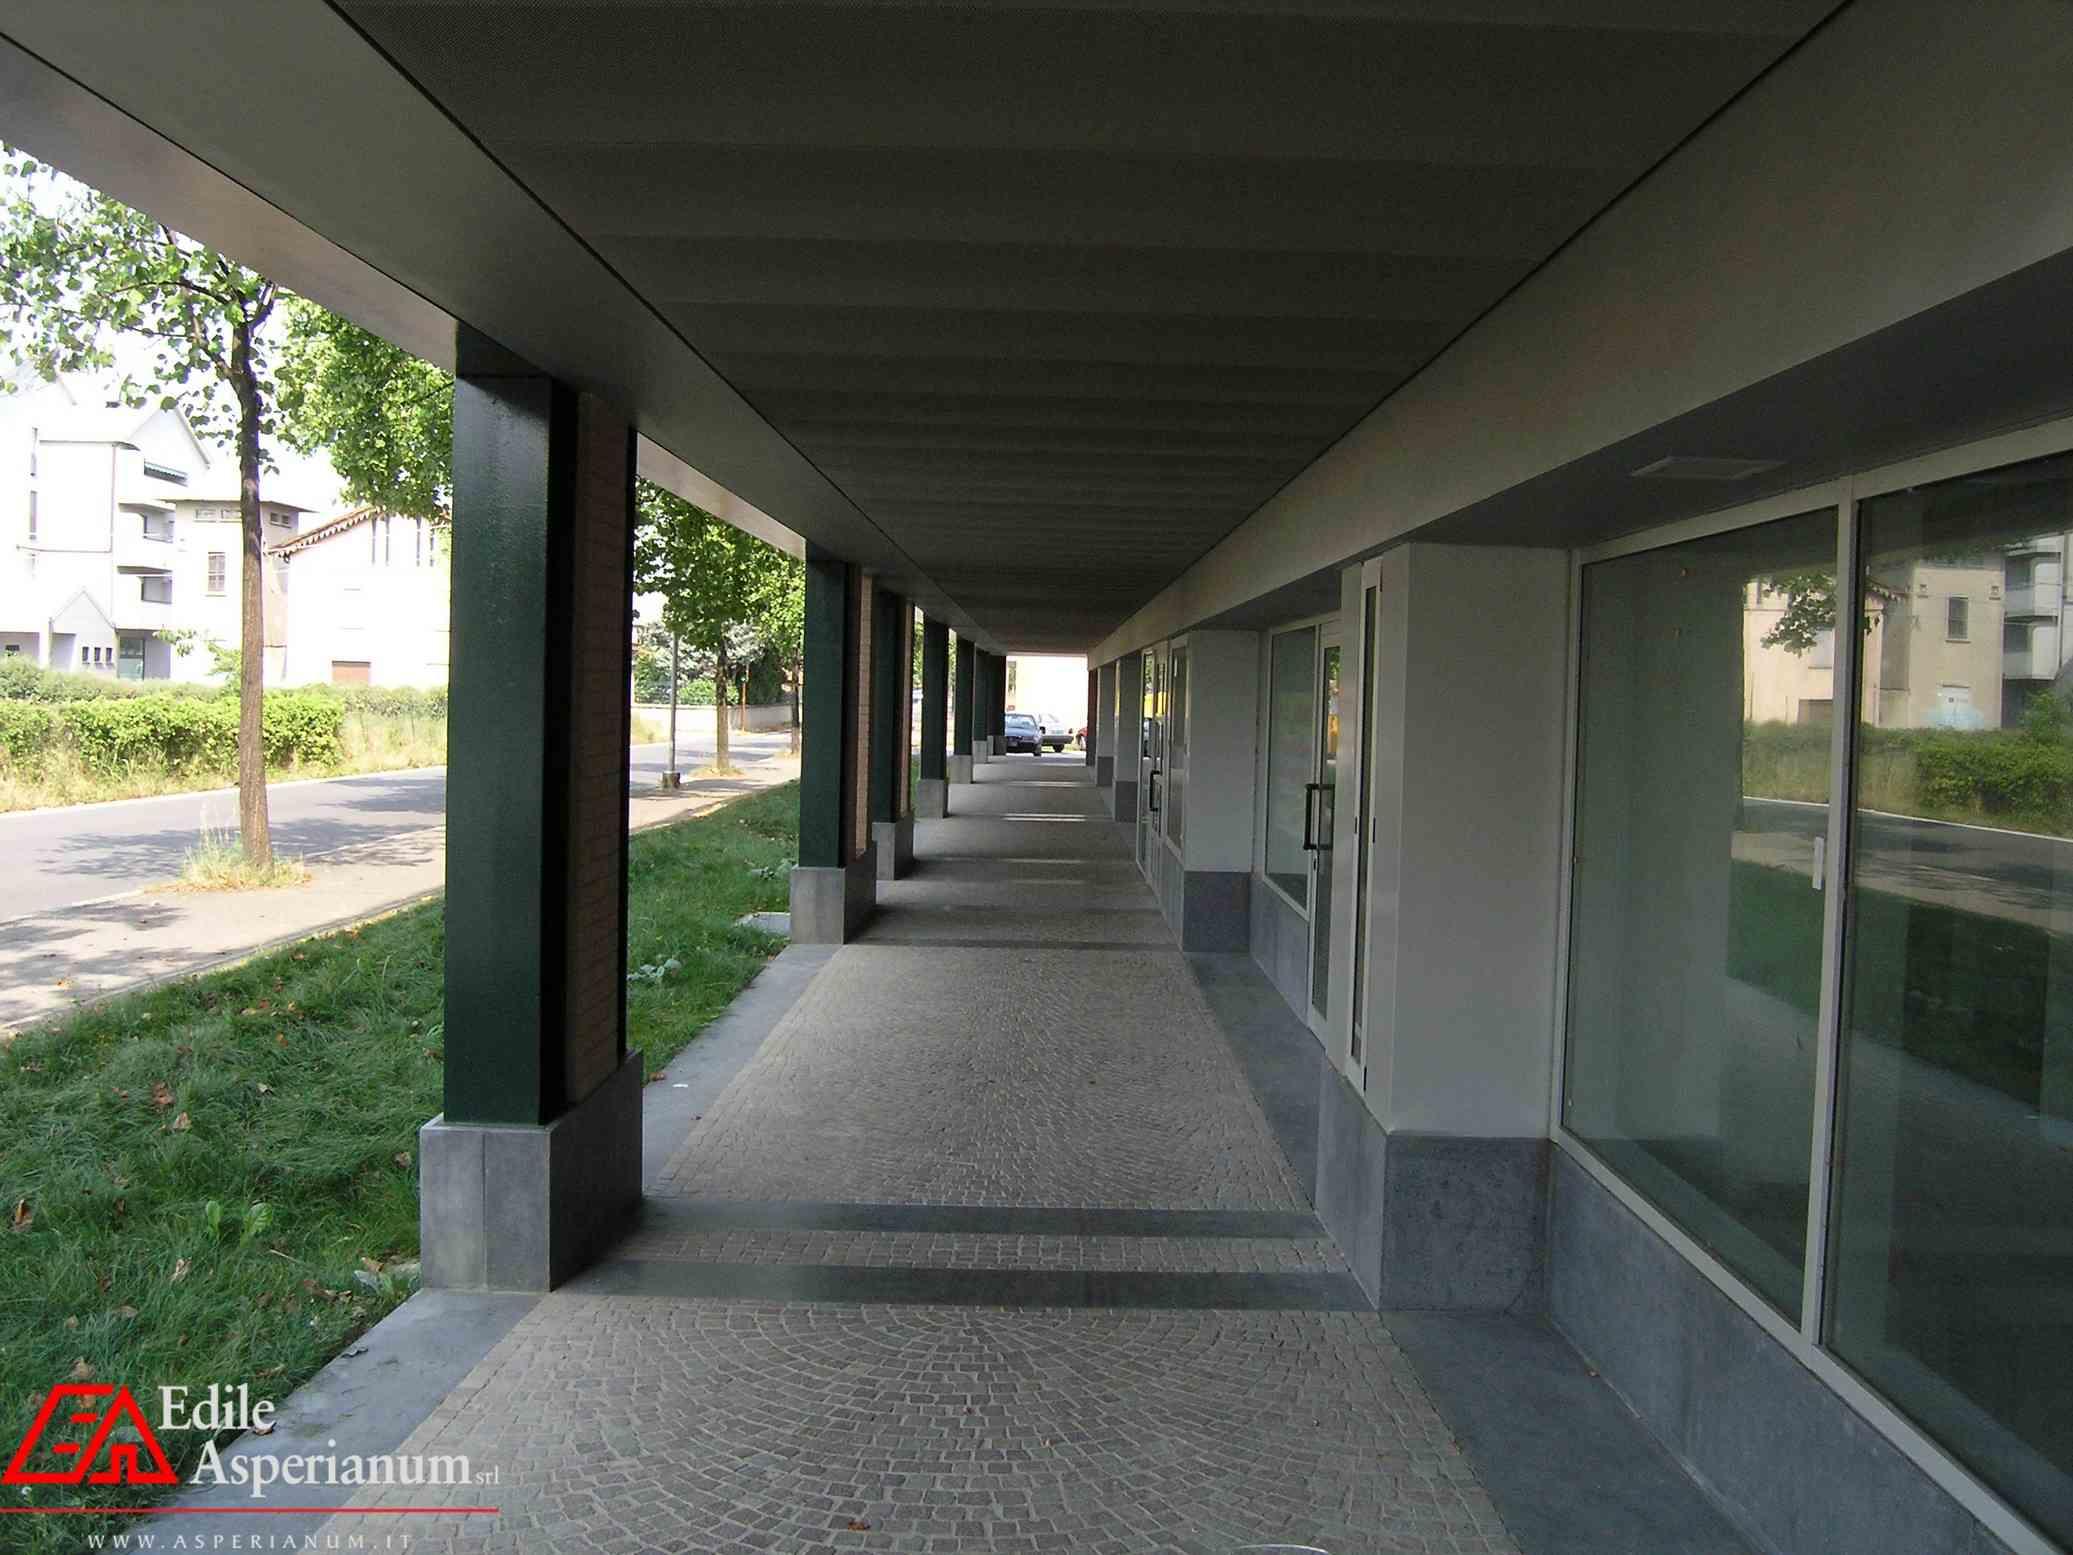 Vendita e affitto uffici al rustico in treviglio - Acquisto prima casa al rustico ...